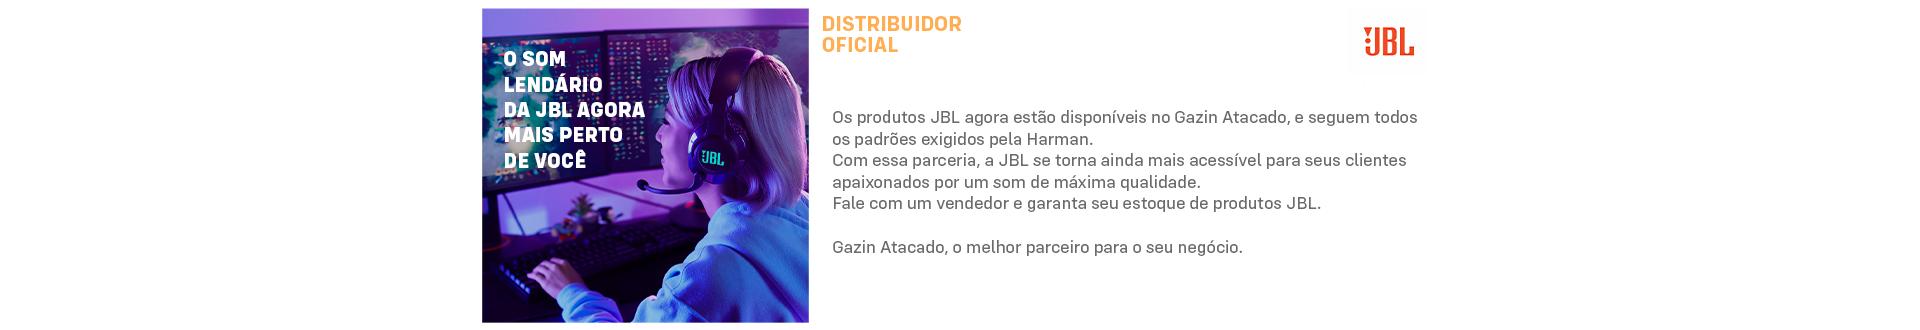 Gazin Atacado distribuidor oficial JBL